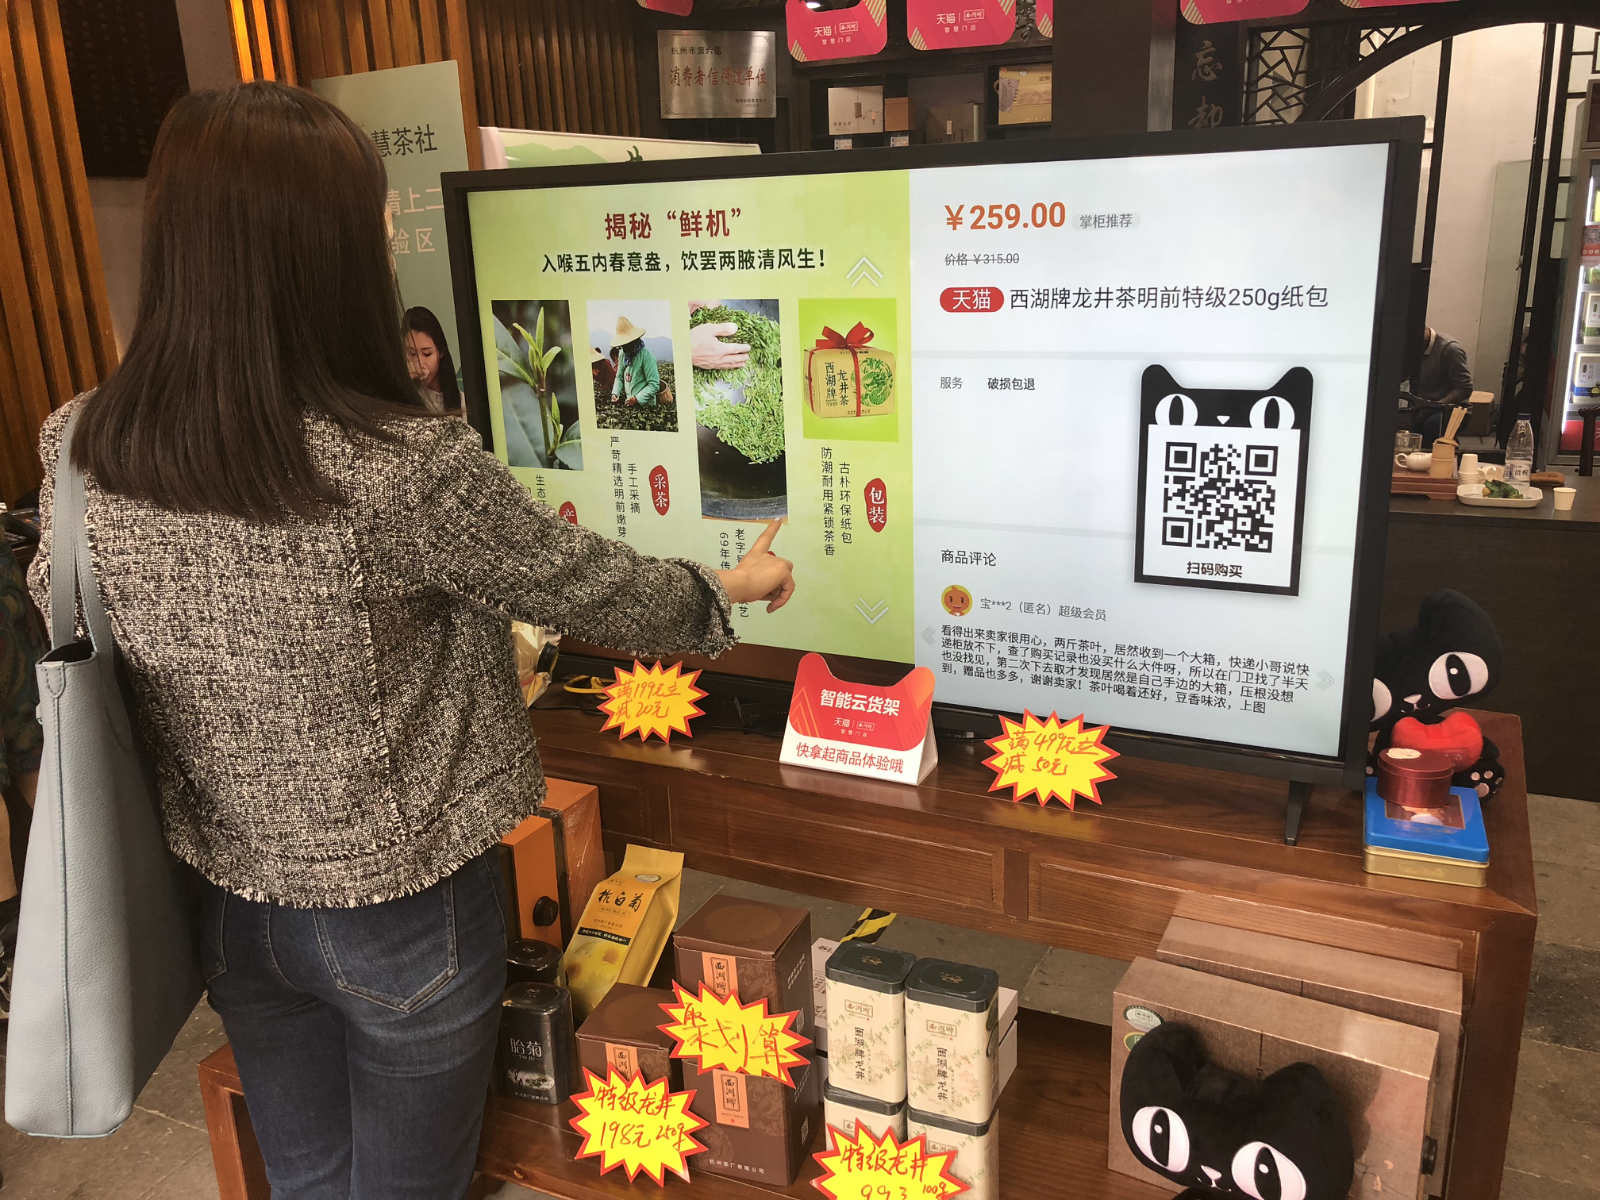 天猫联合数十家茶企开设新零售茶